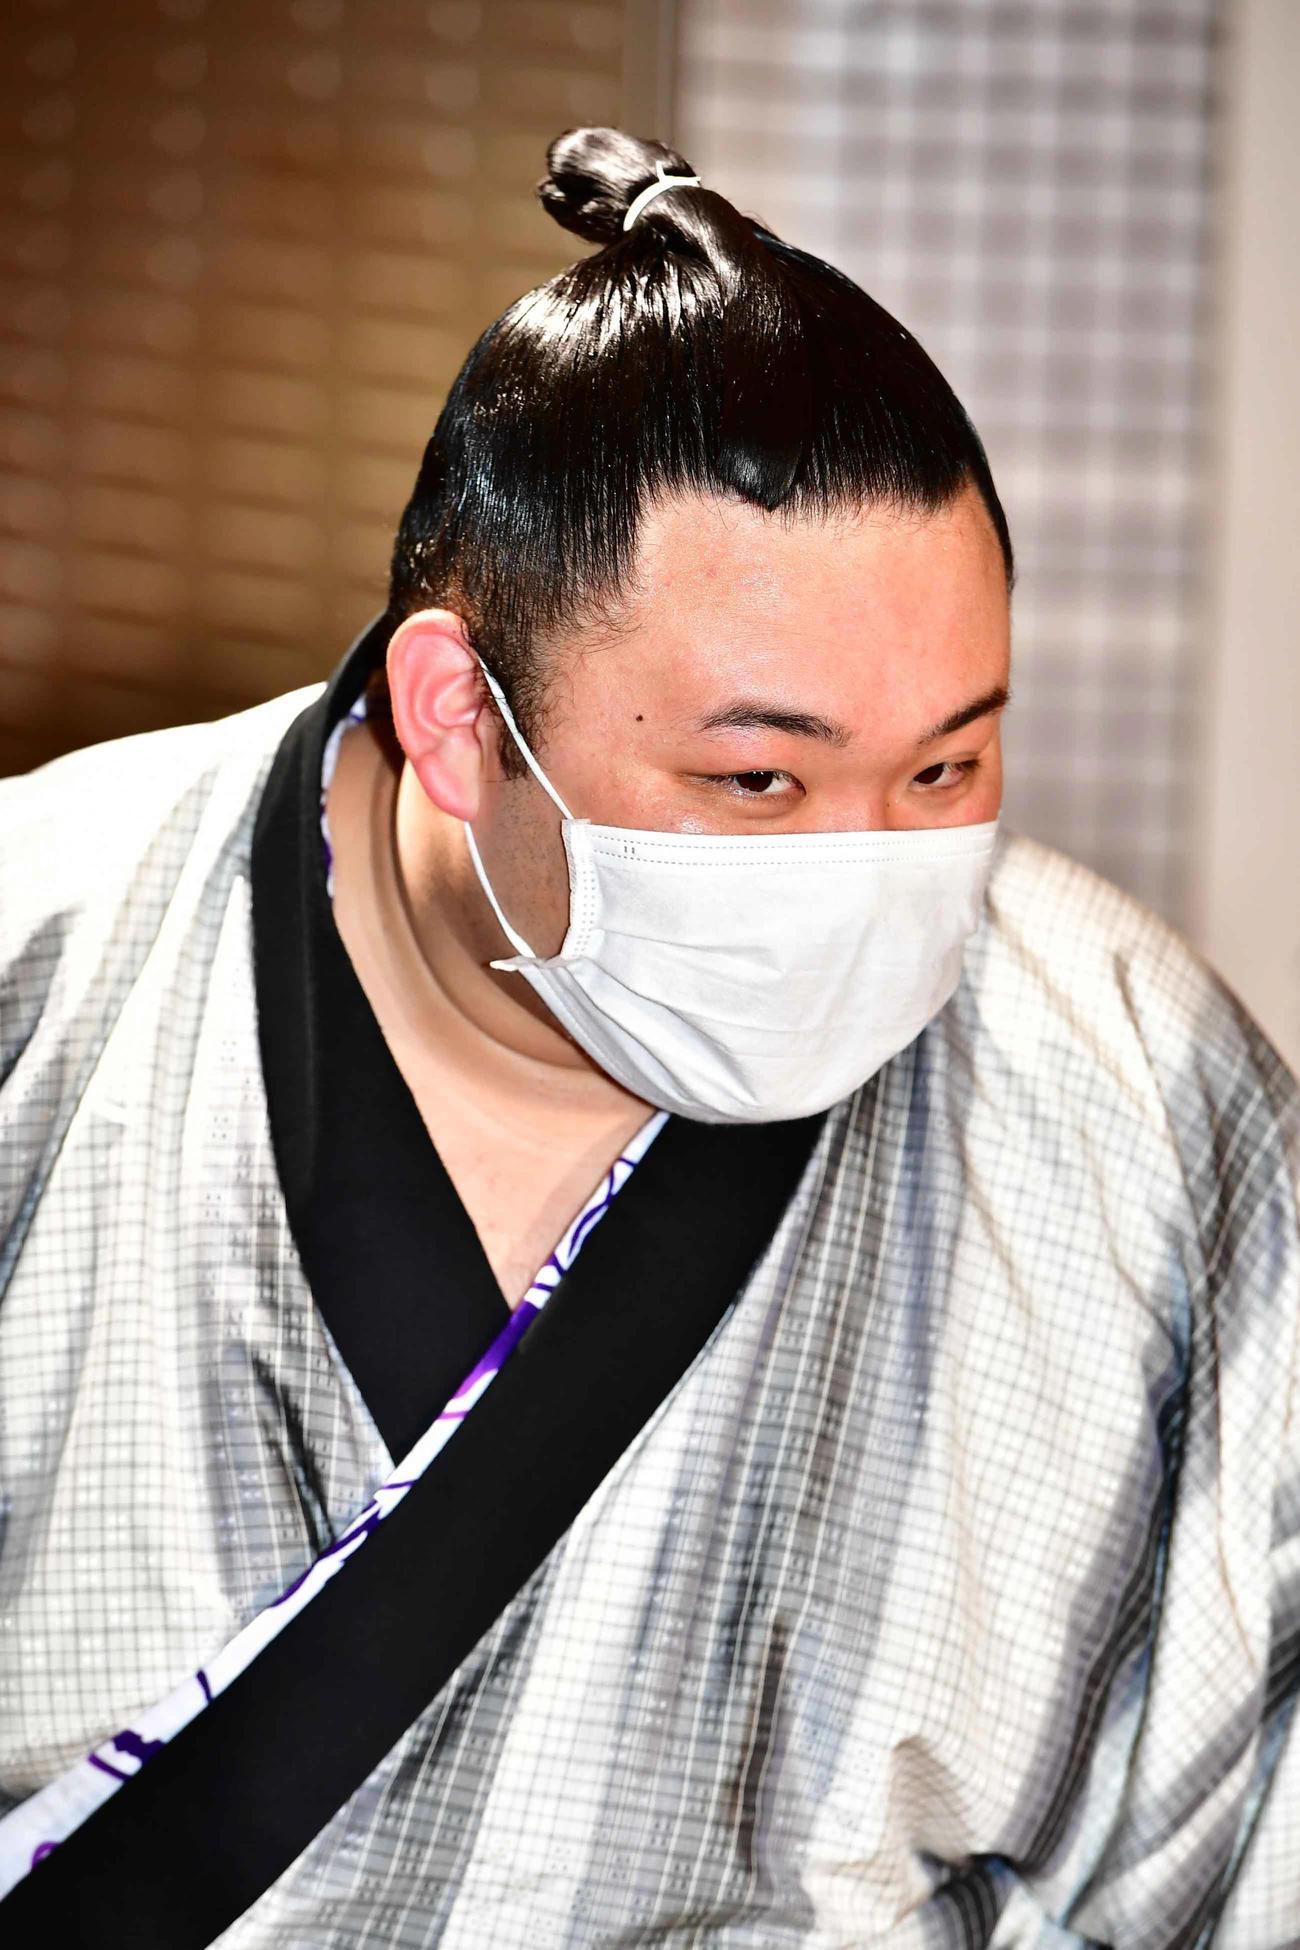 報道陣から大関昇進が決定的となったことを聞かれマスク越しに笑顔を見せる朝乃山(撮影・小沢裕)